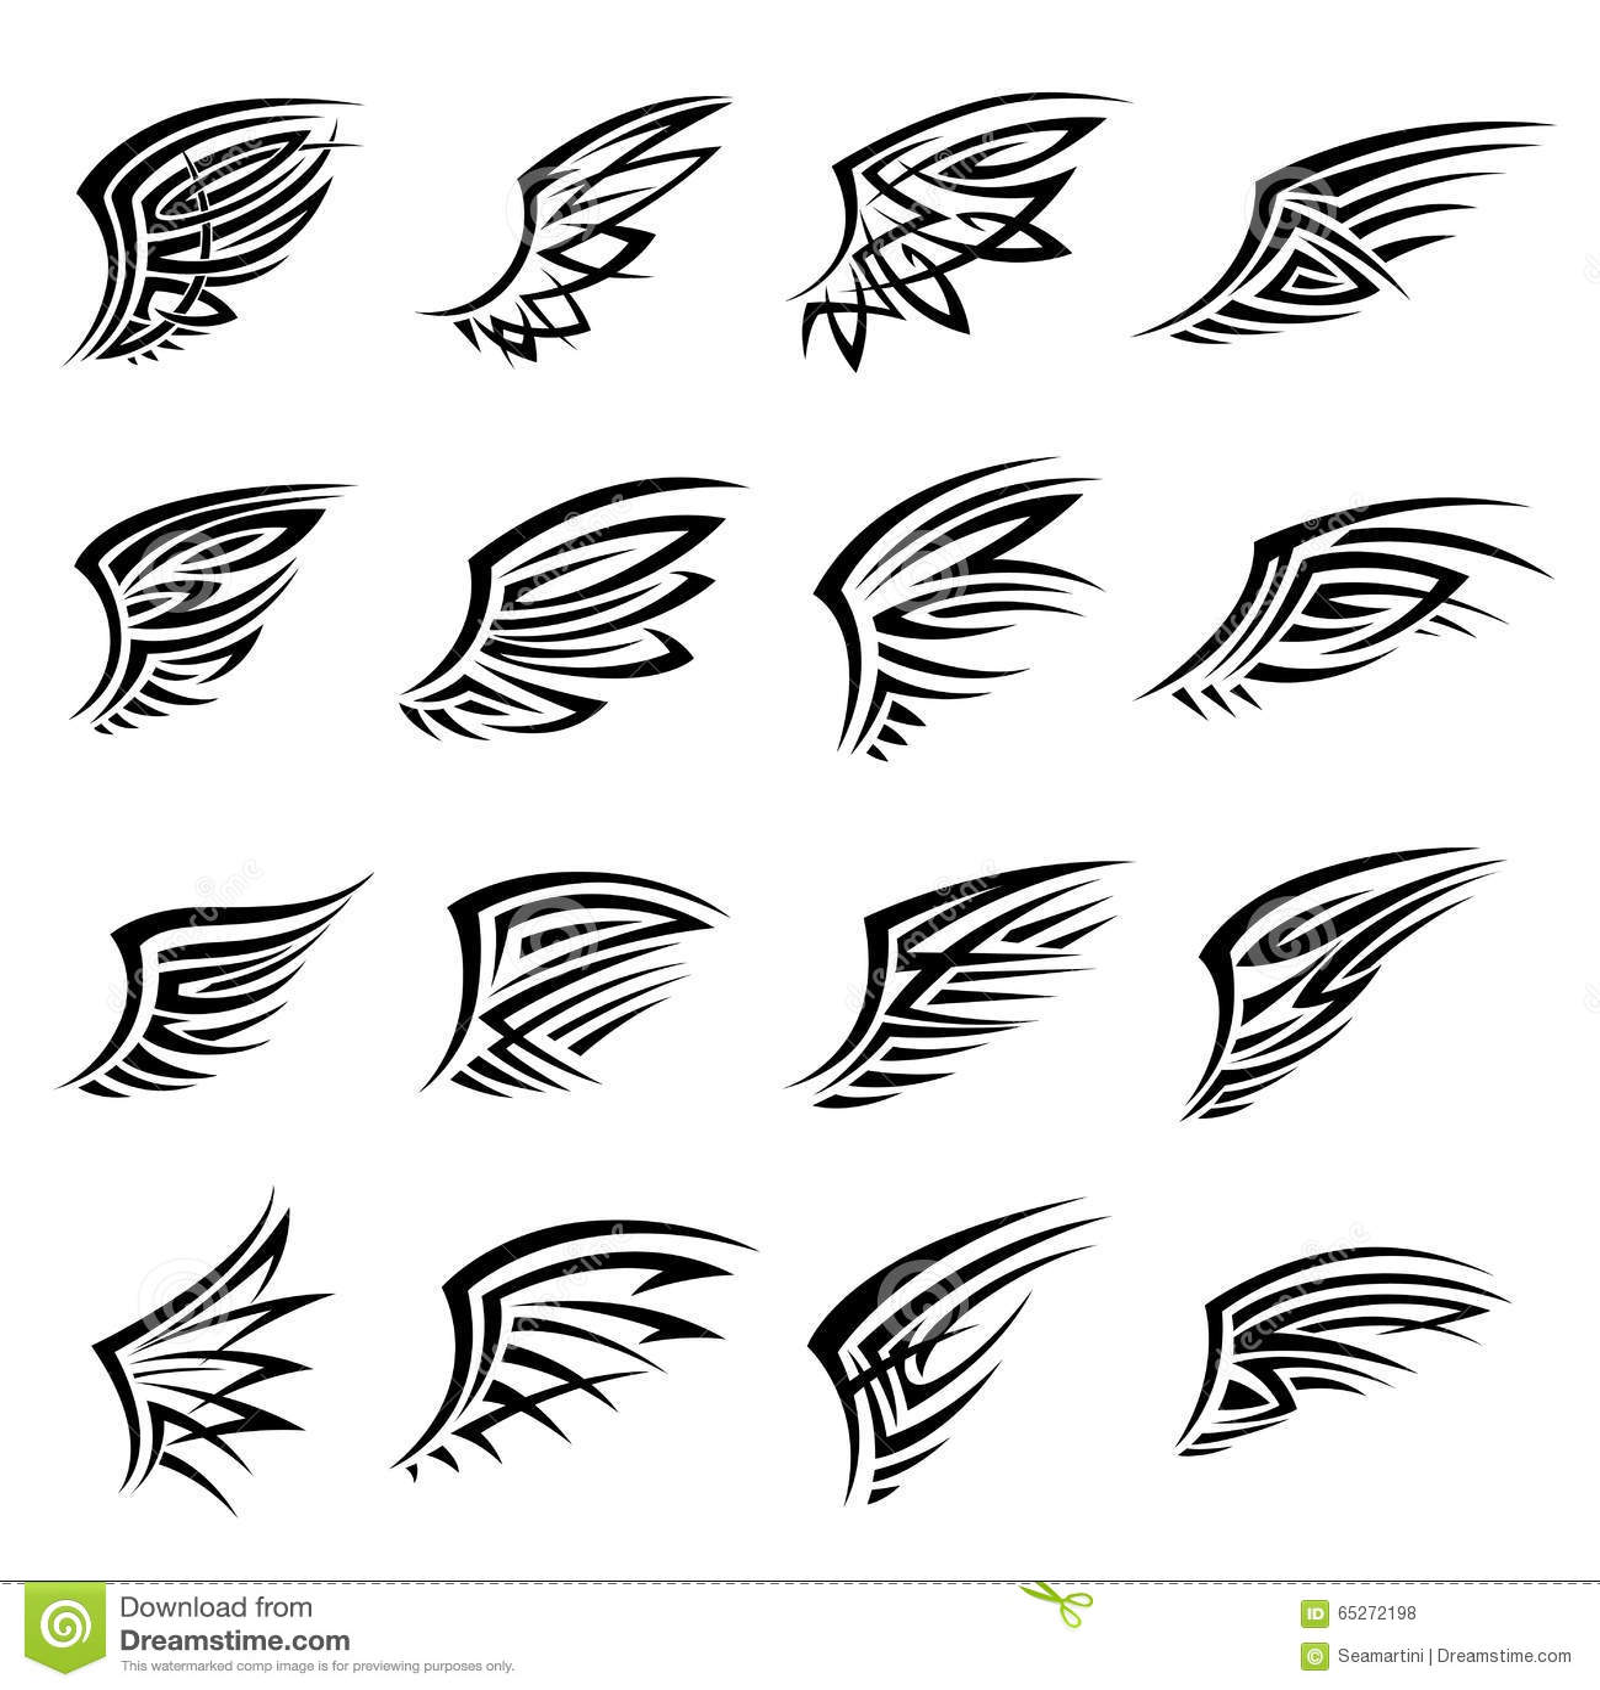 le tribal noir d 39 isolement s 39 envole des ic nes ou des tatouages illustration de vecteur image. Black Bedroom Furniture Sets. Home Design Ideas